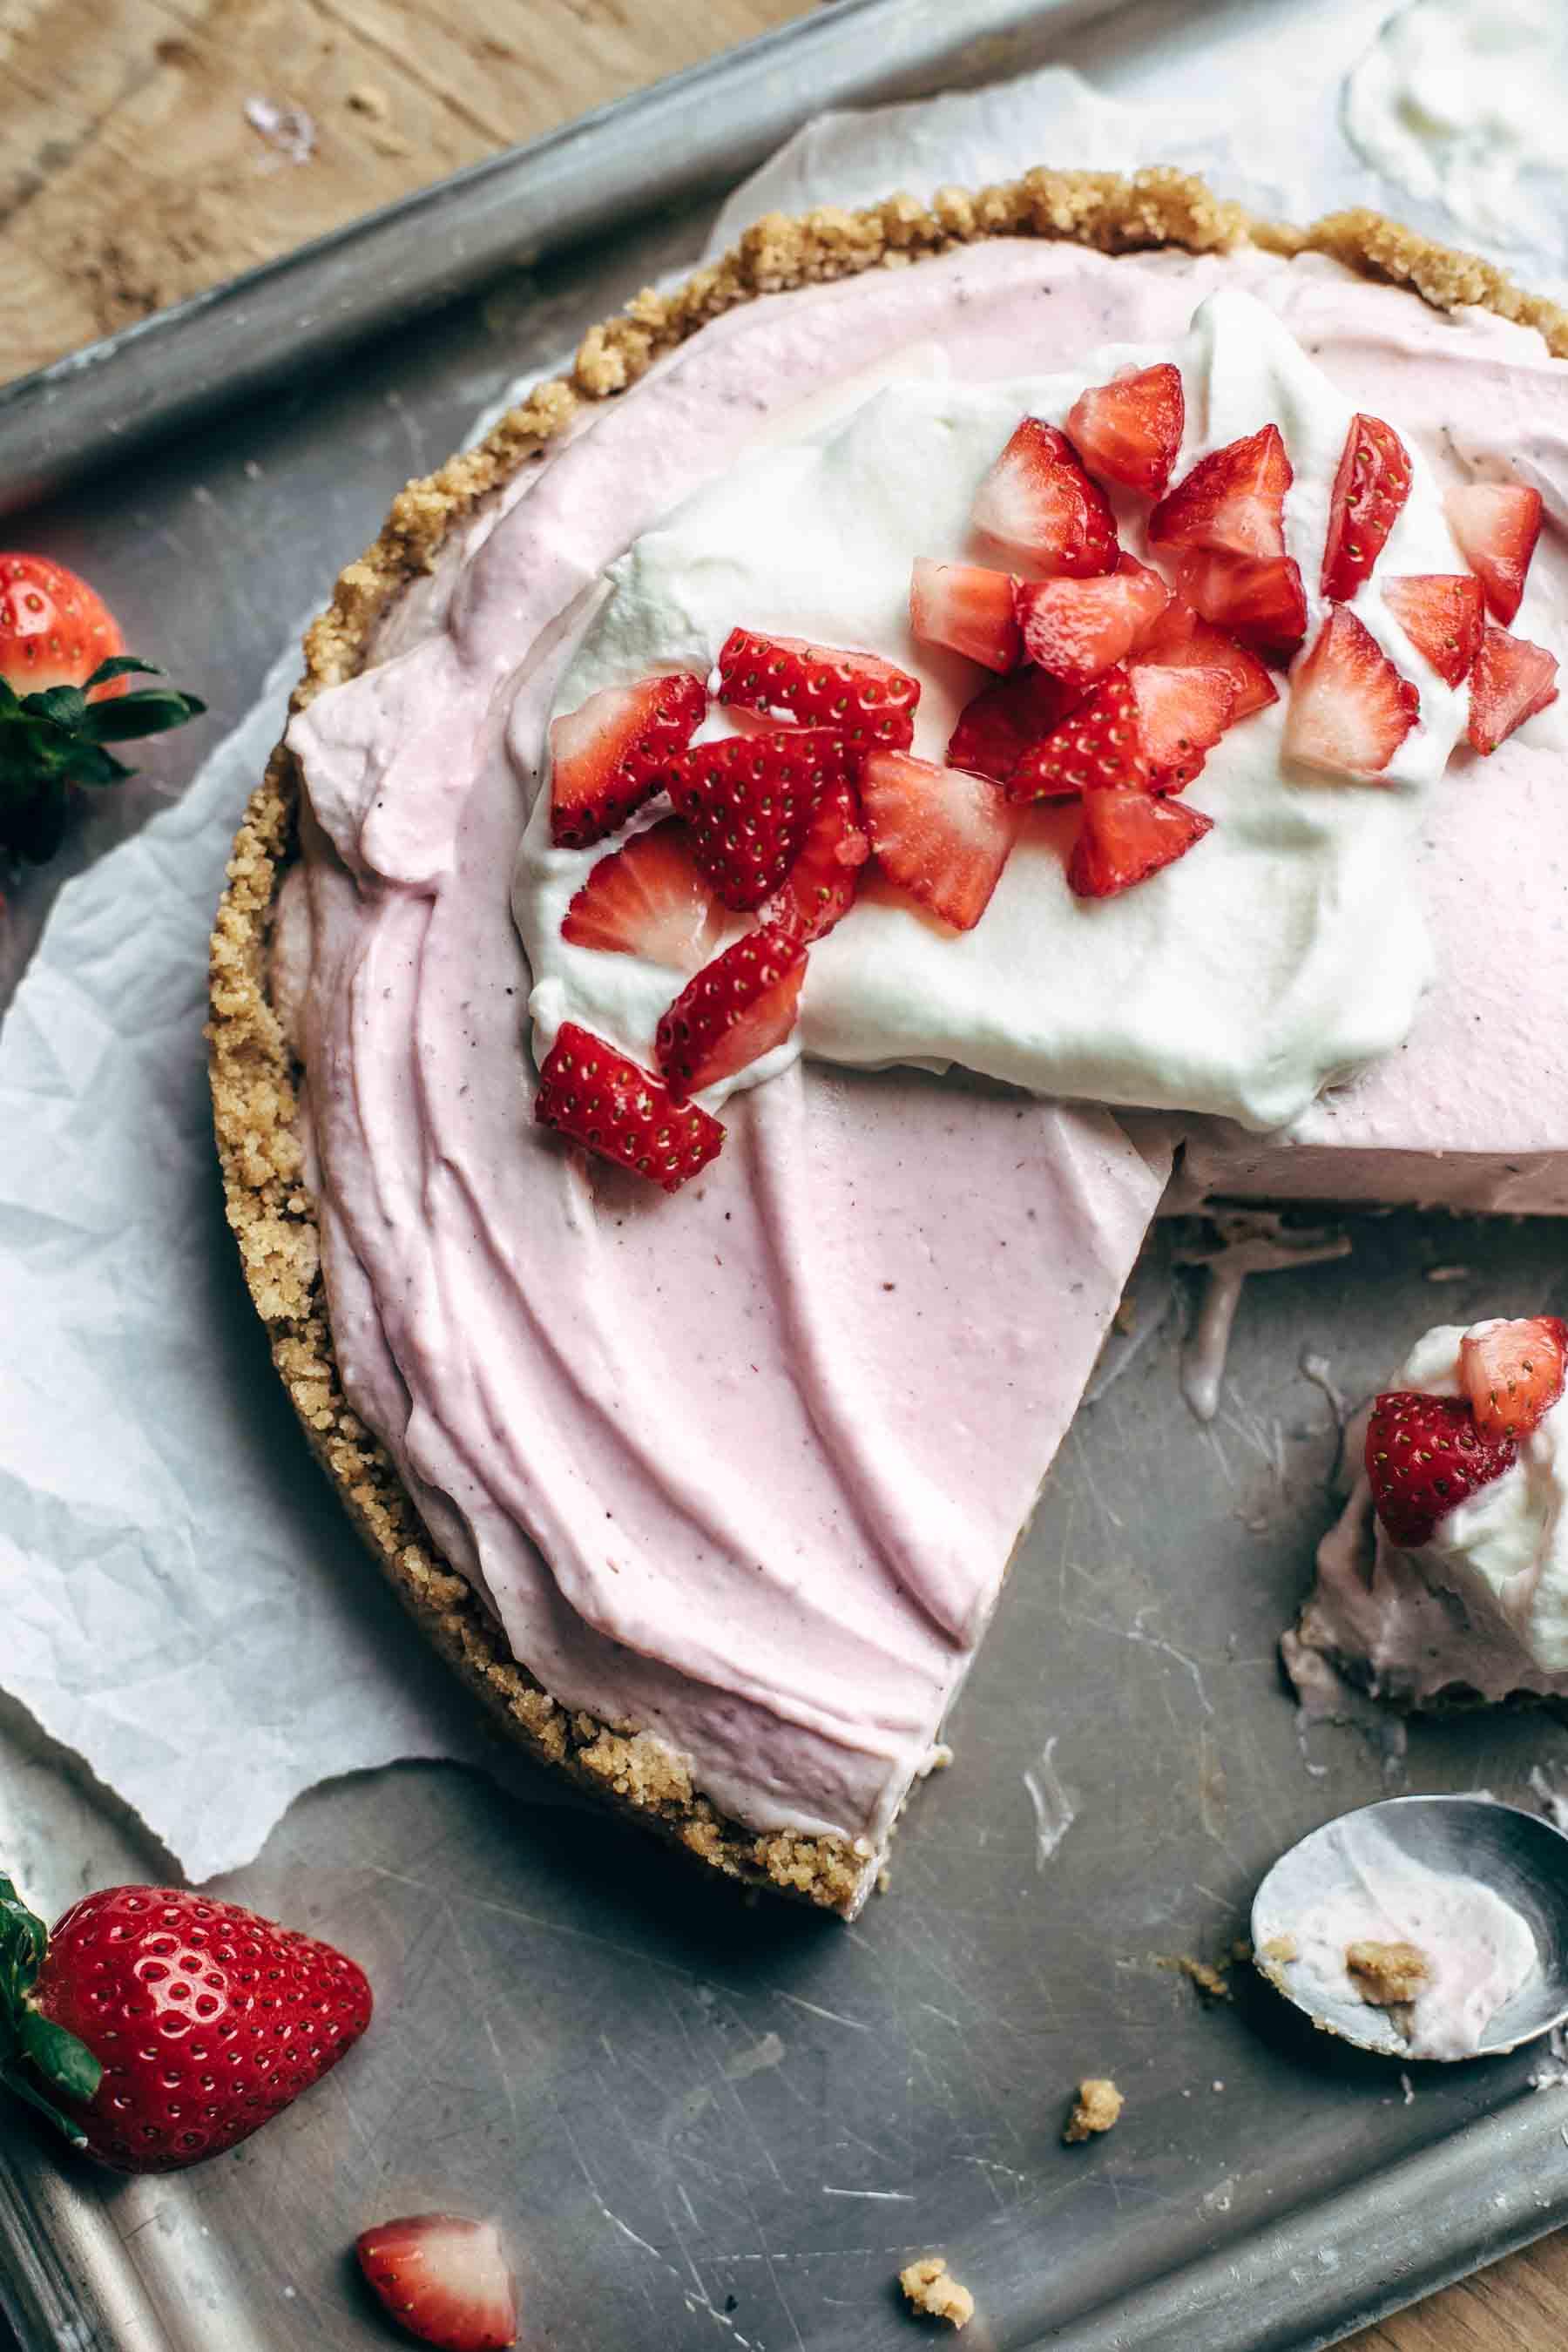 No-Bake Strawberry Cream Cheese Pie Recipe with Graham Cracker Crust